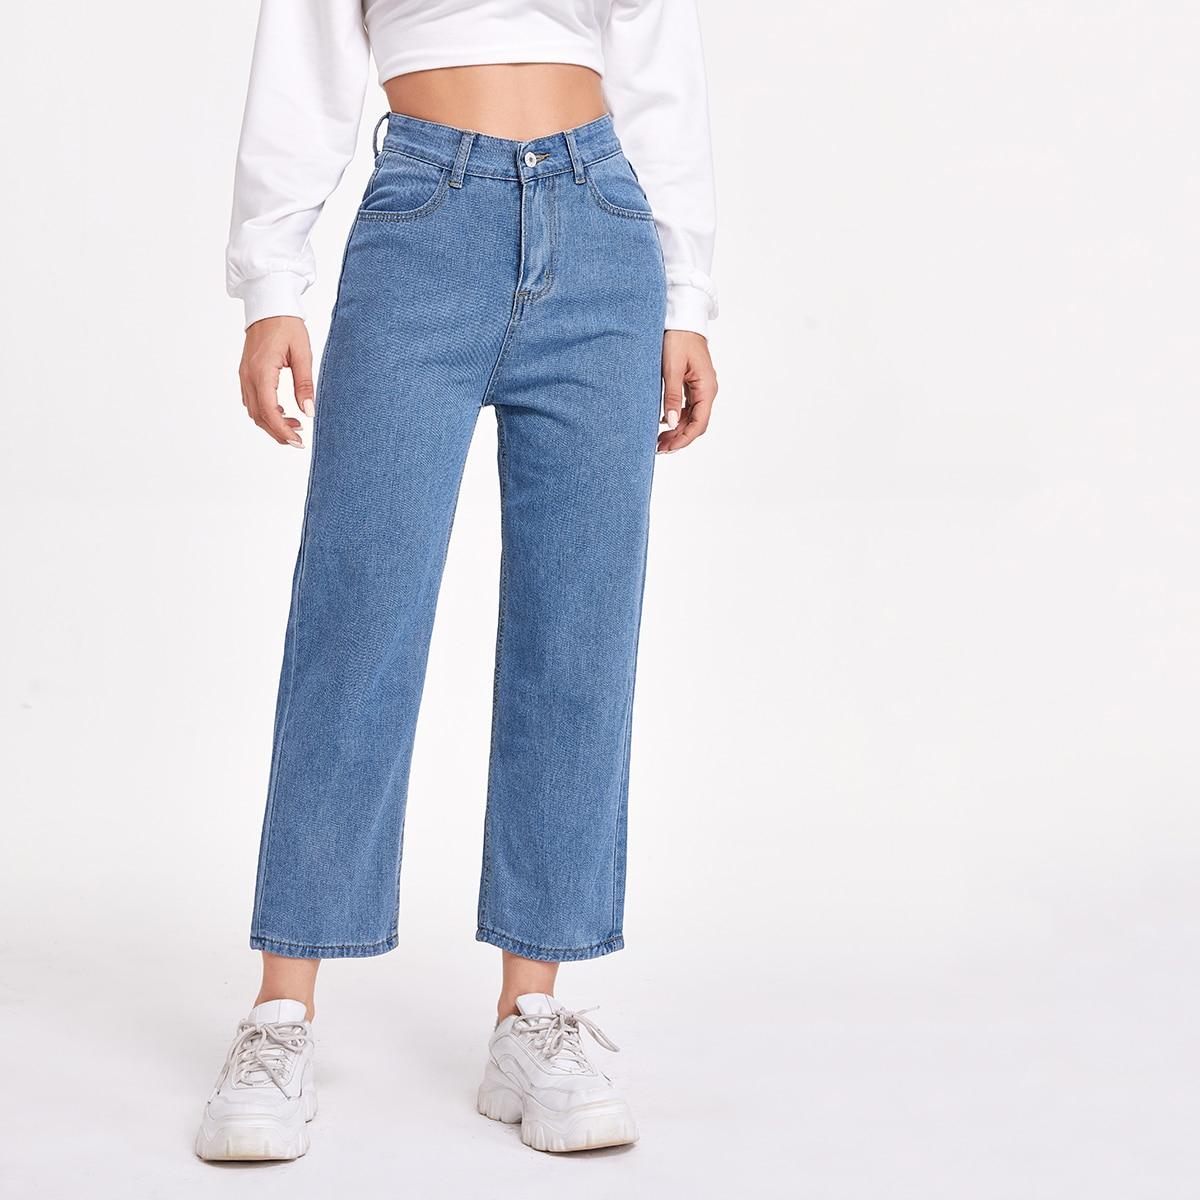 Однотонные короткие джинсы с карманом